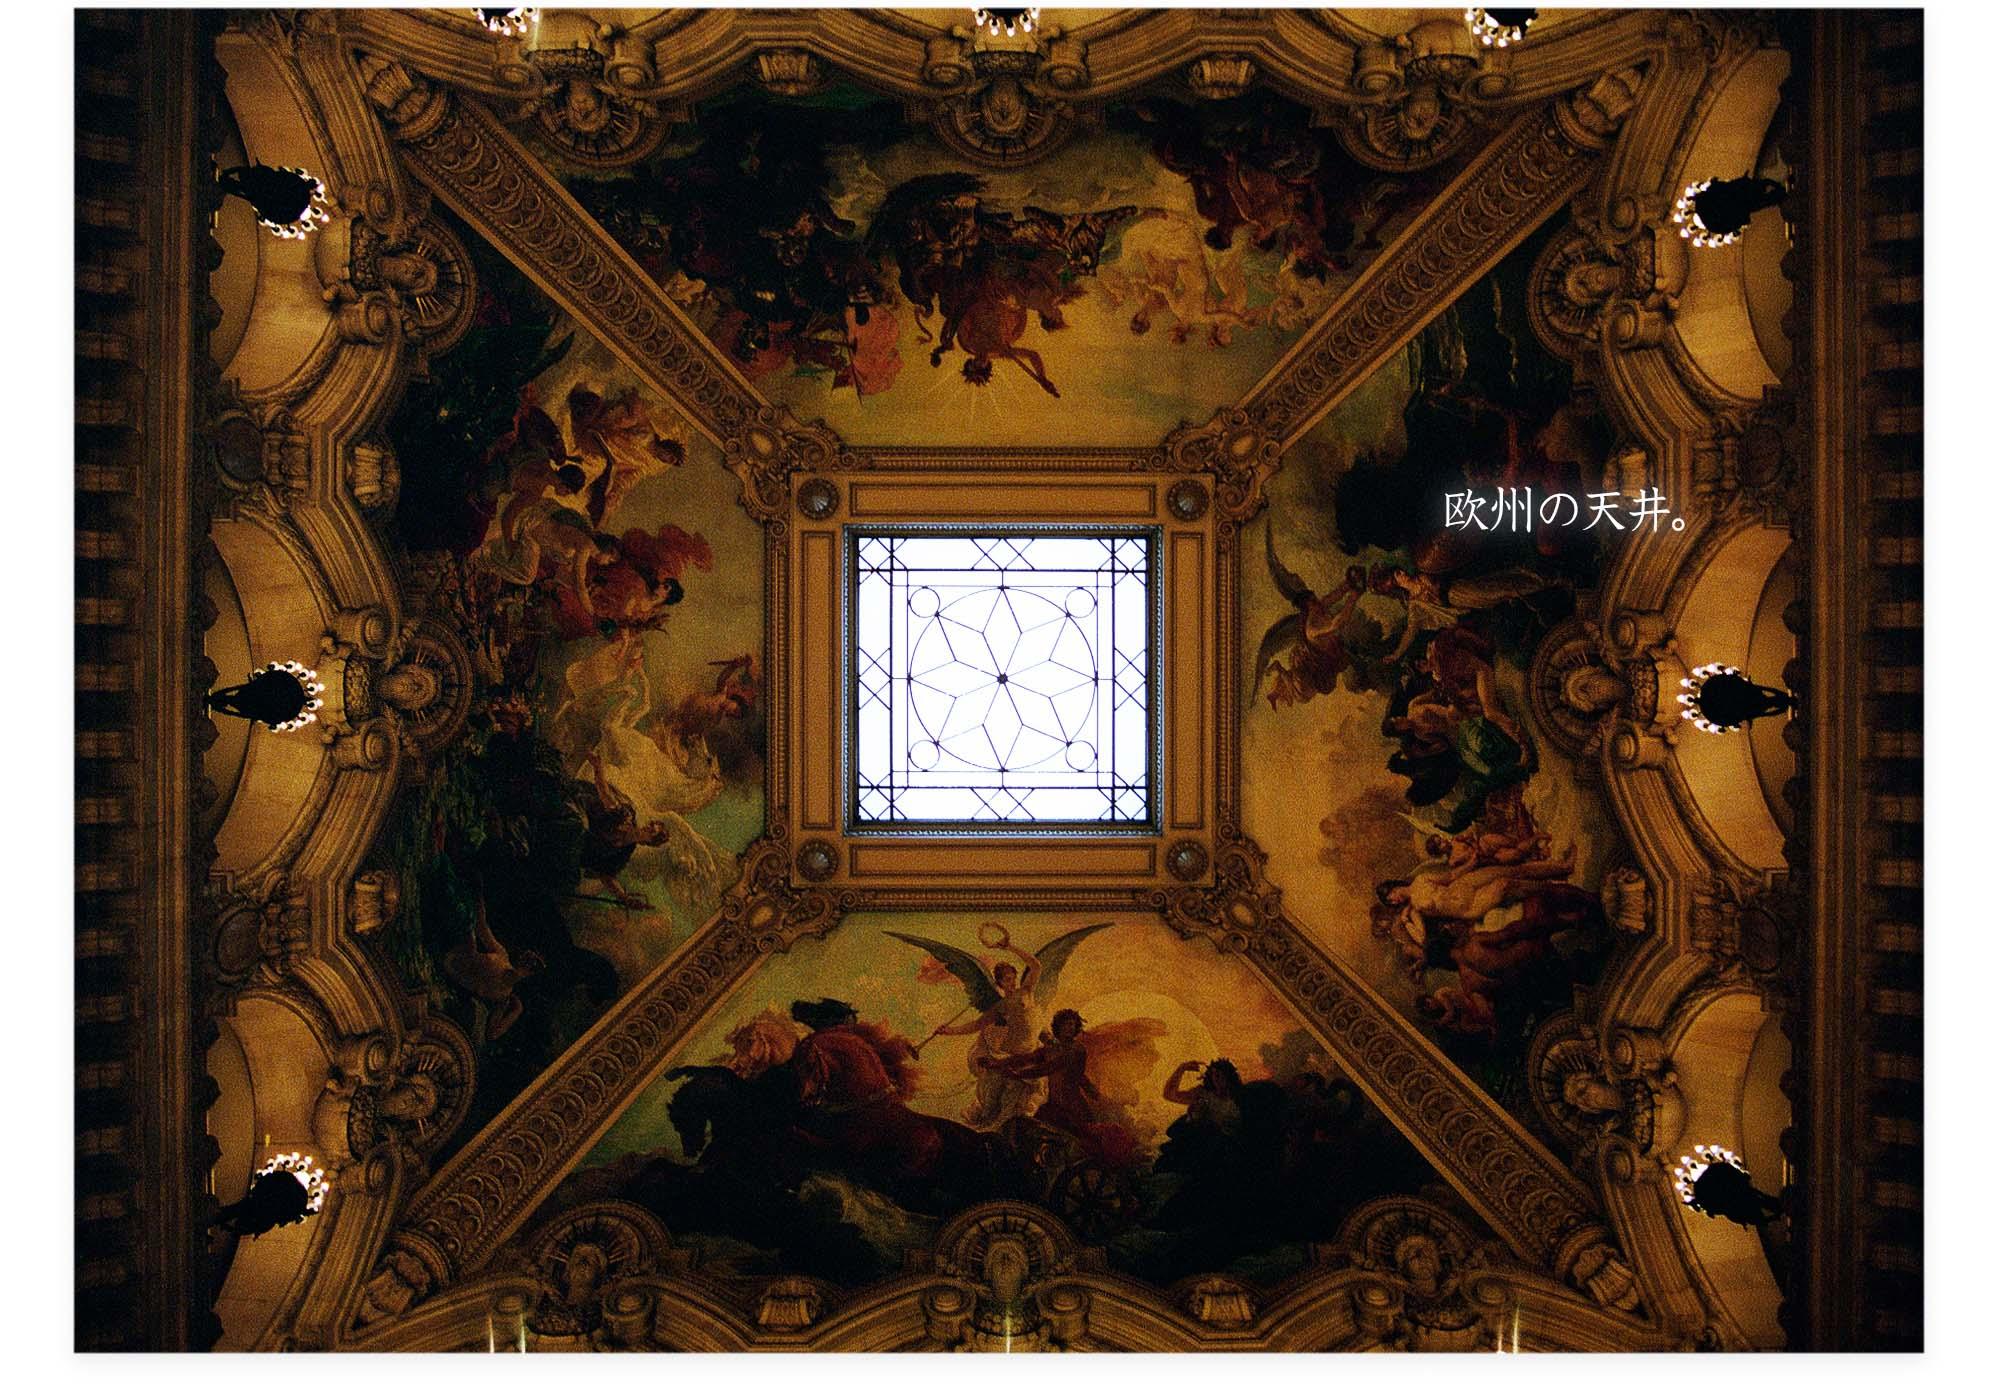 20121030b_欧州の天井